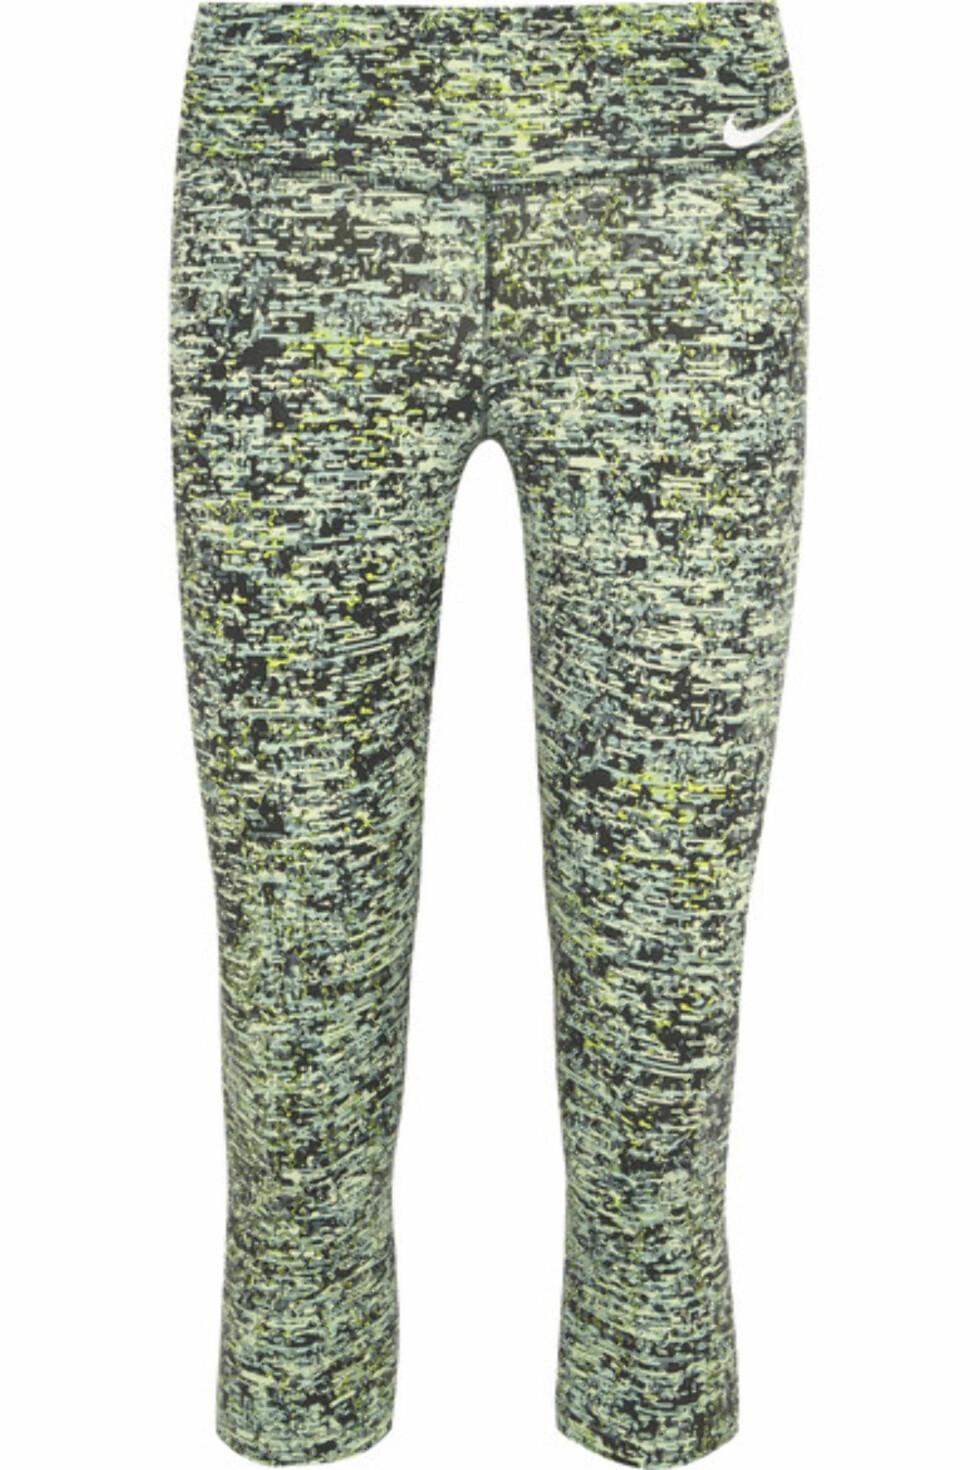 Tights fra Nike via Net-a-porter.com | kr 705 | https://www.net-a-porter.com/se/en/product/762321/nike/power-legendary-printed-dri-fit-stretch-jersey-leggings?cm_mmc=LinkshareUK-_-oaQeNCJweO0-_-Custom-_-LinkBuilder&siteID=oaQeNCJweO0-LgU0VP9pYso0h.5ydr.eIQ